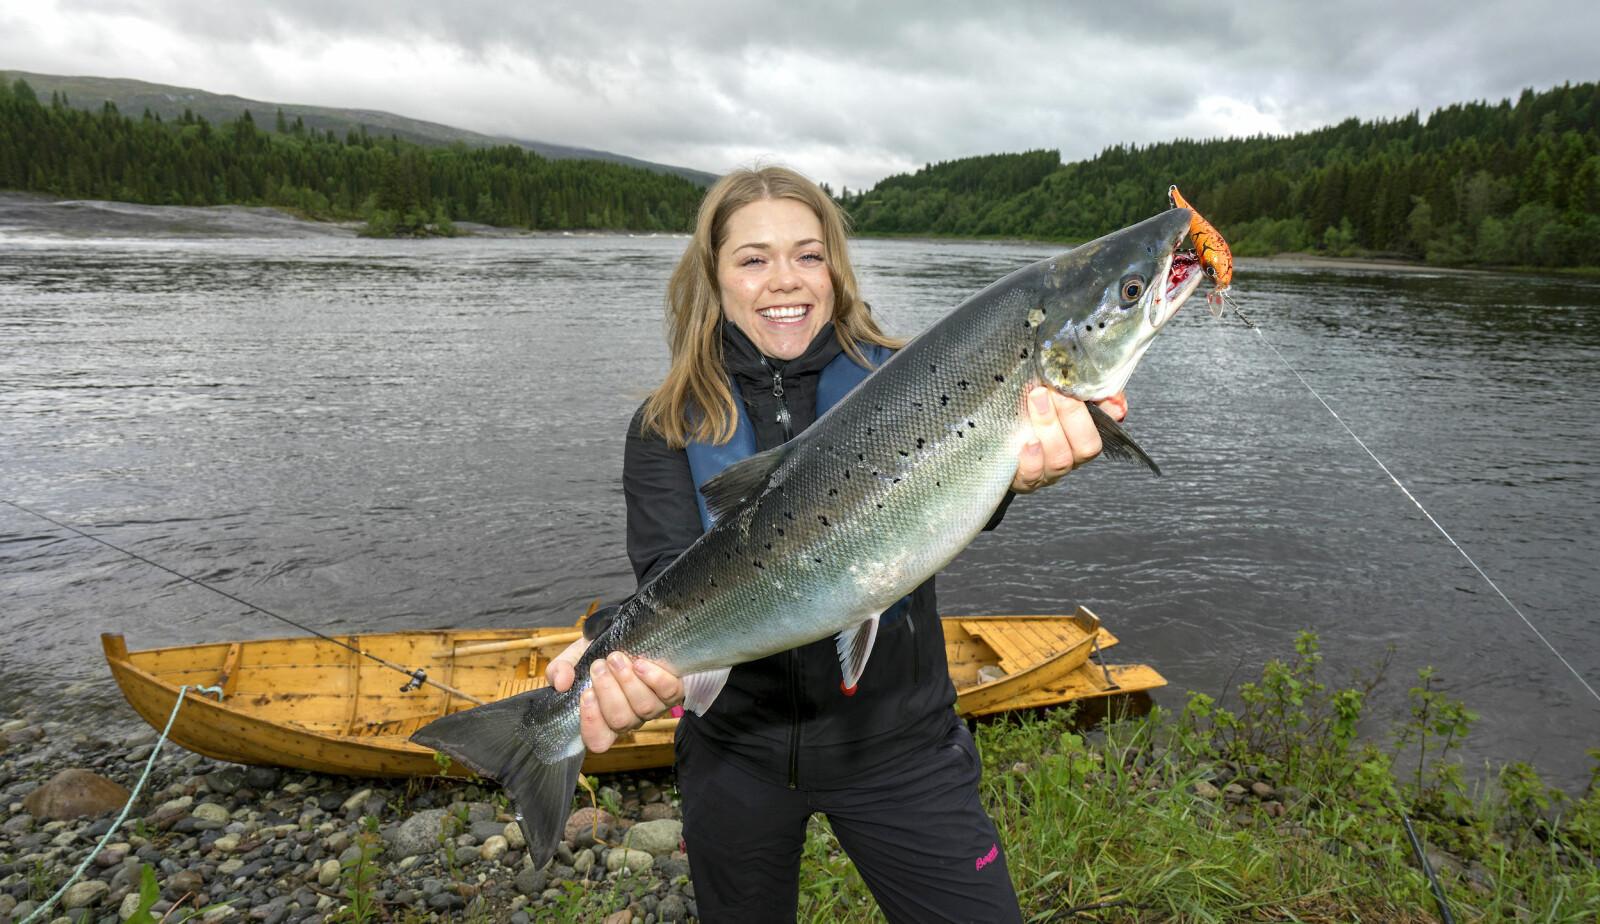 <b>WOBBLERLYKKE:</b> Christine klarte å lure sin aller første villaks på wobbler under harlingfiske i Sanddøla.